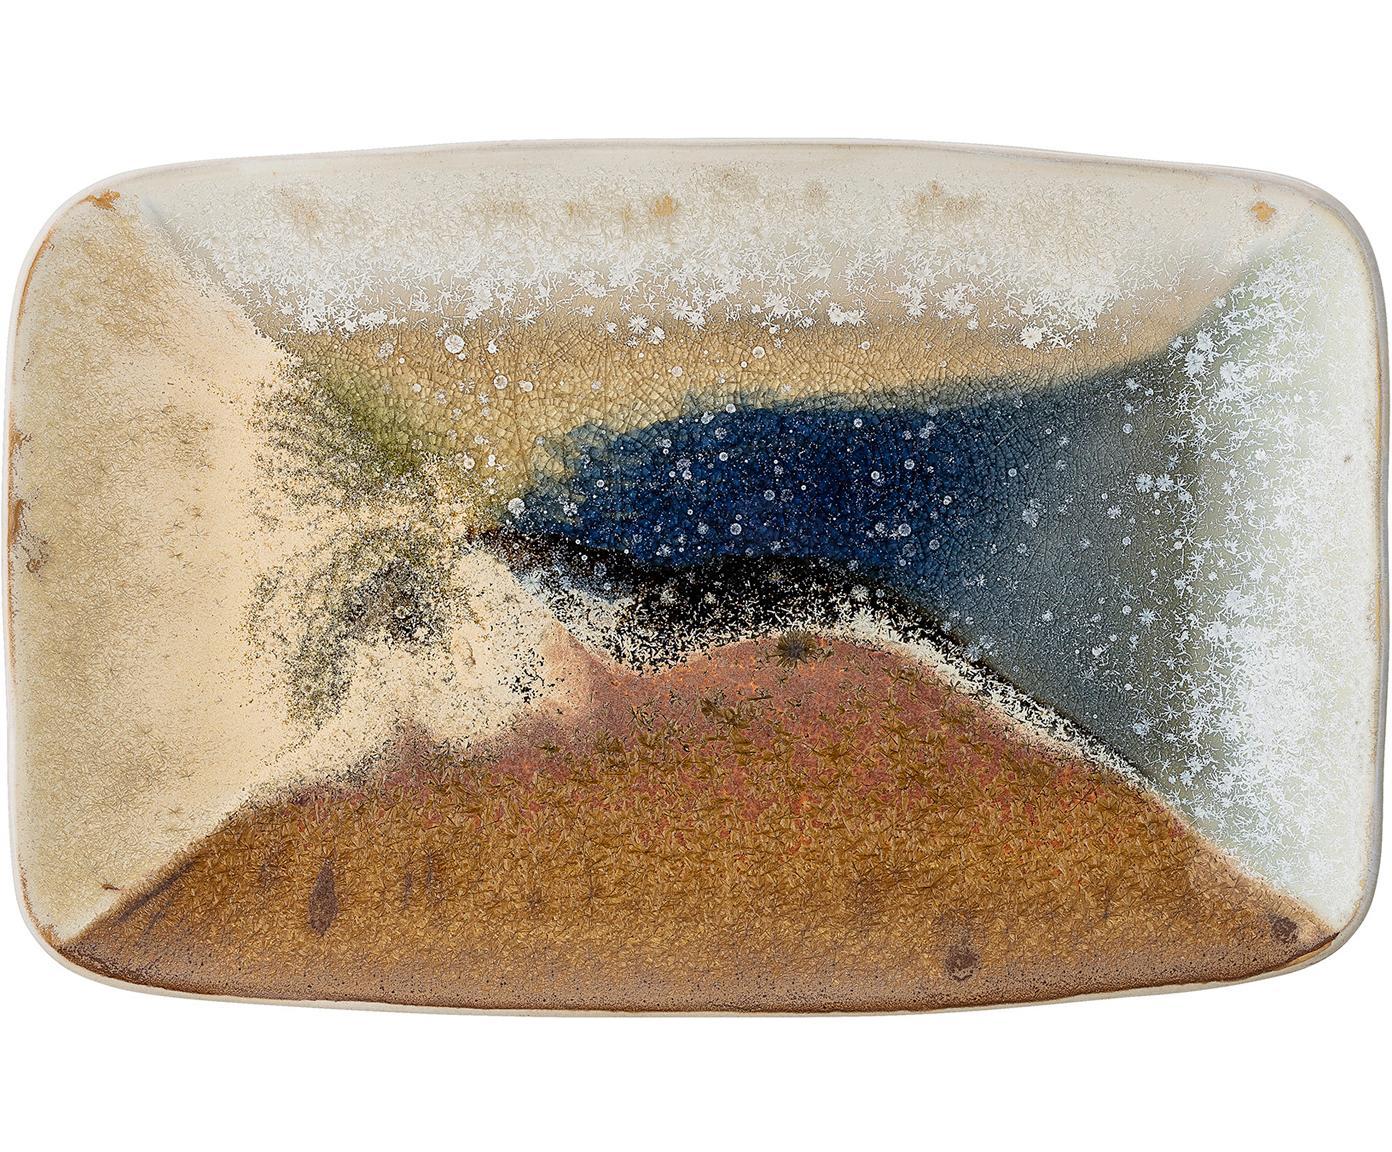 Handgemachte Servierplatte Willow, Steingut, Mehrfarbig, B 34 x T 21 cm